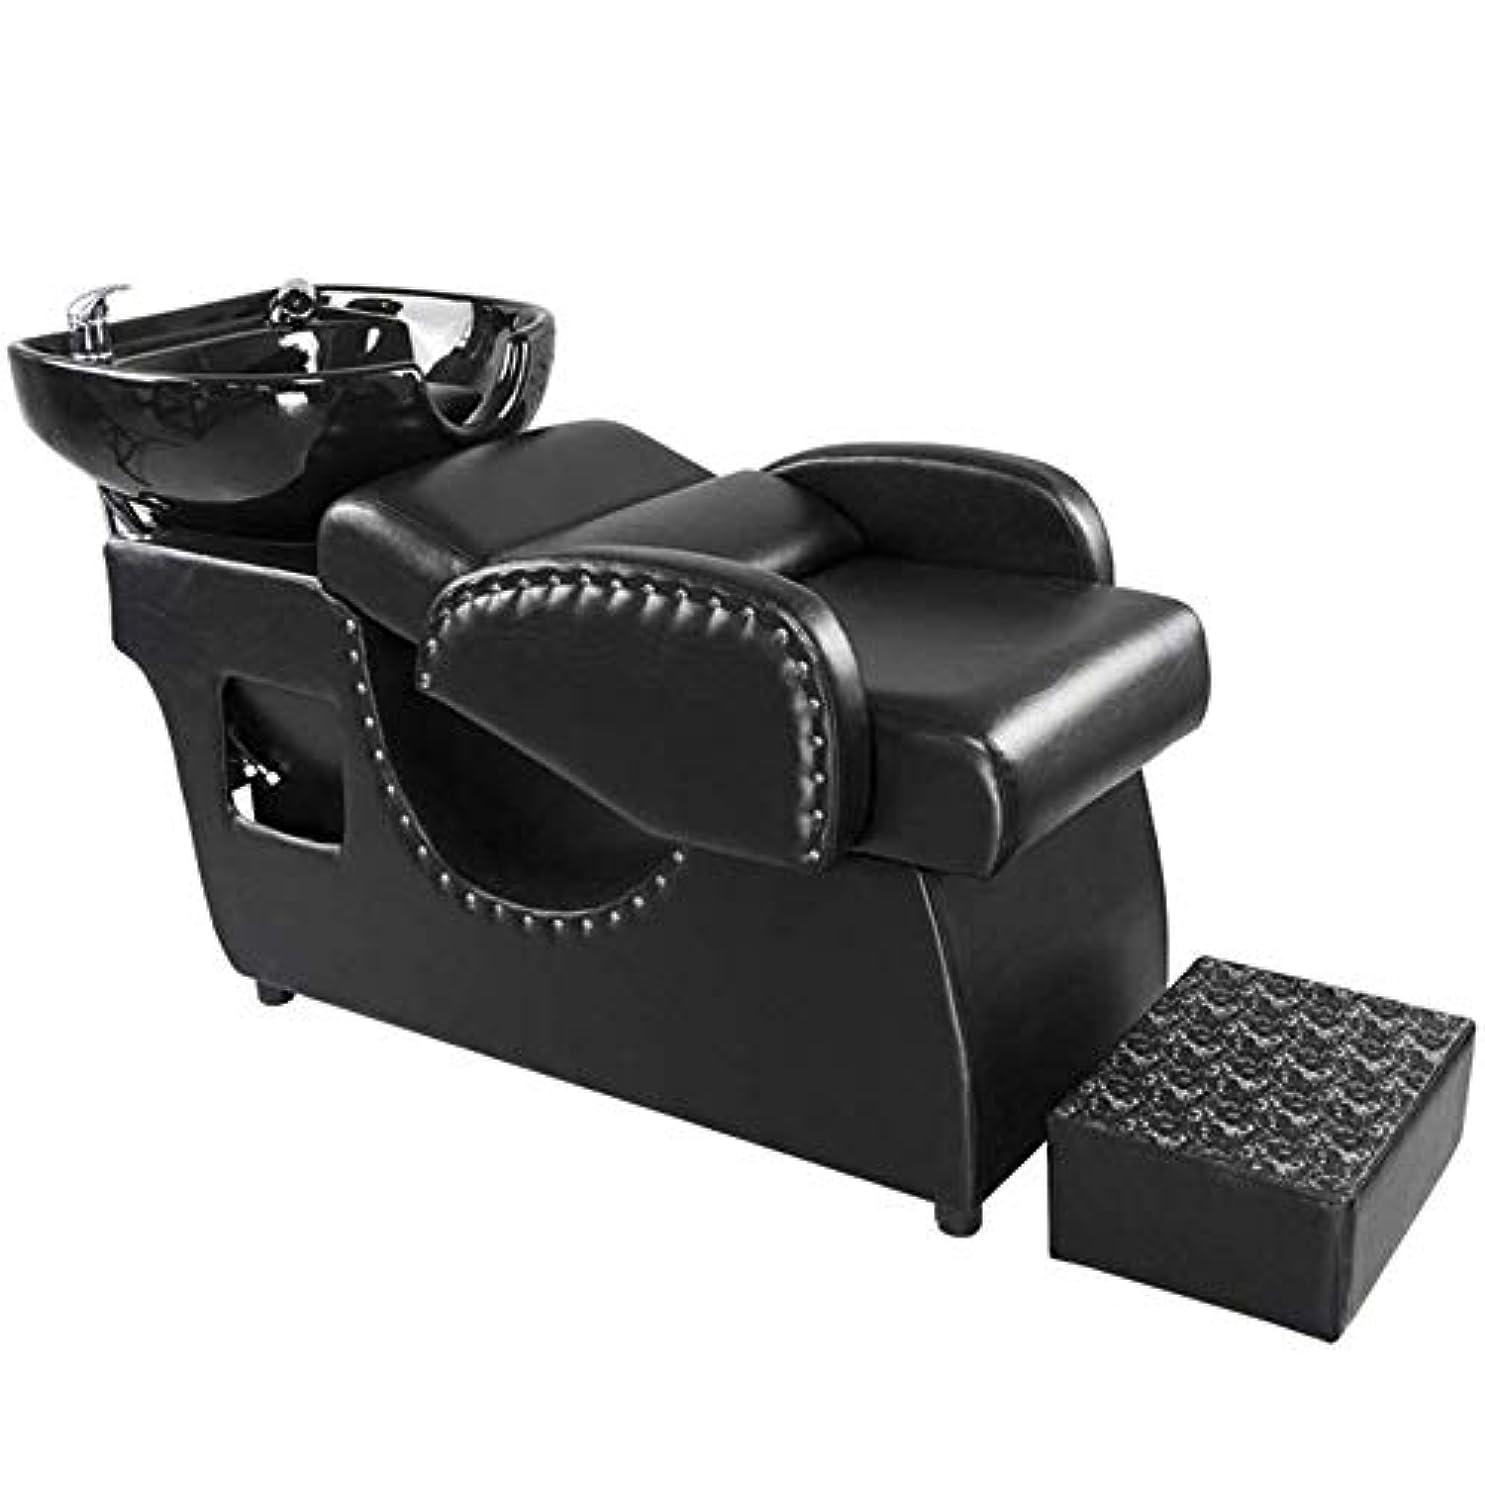 煙突レシピ征服者シャンプー理容室逆洗椅子、鉱泉の美容院のための陶磁器の洗面器の洗い流すベッドのシャンプーの流しの椅子